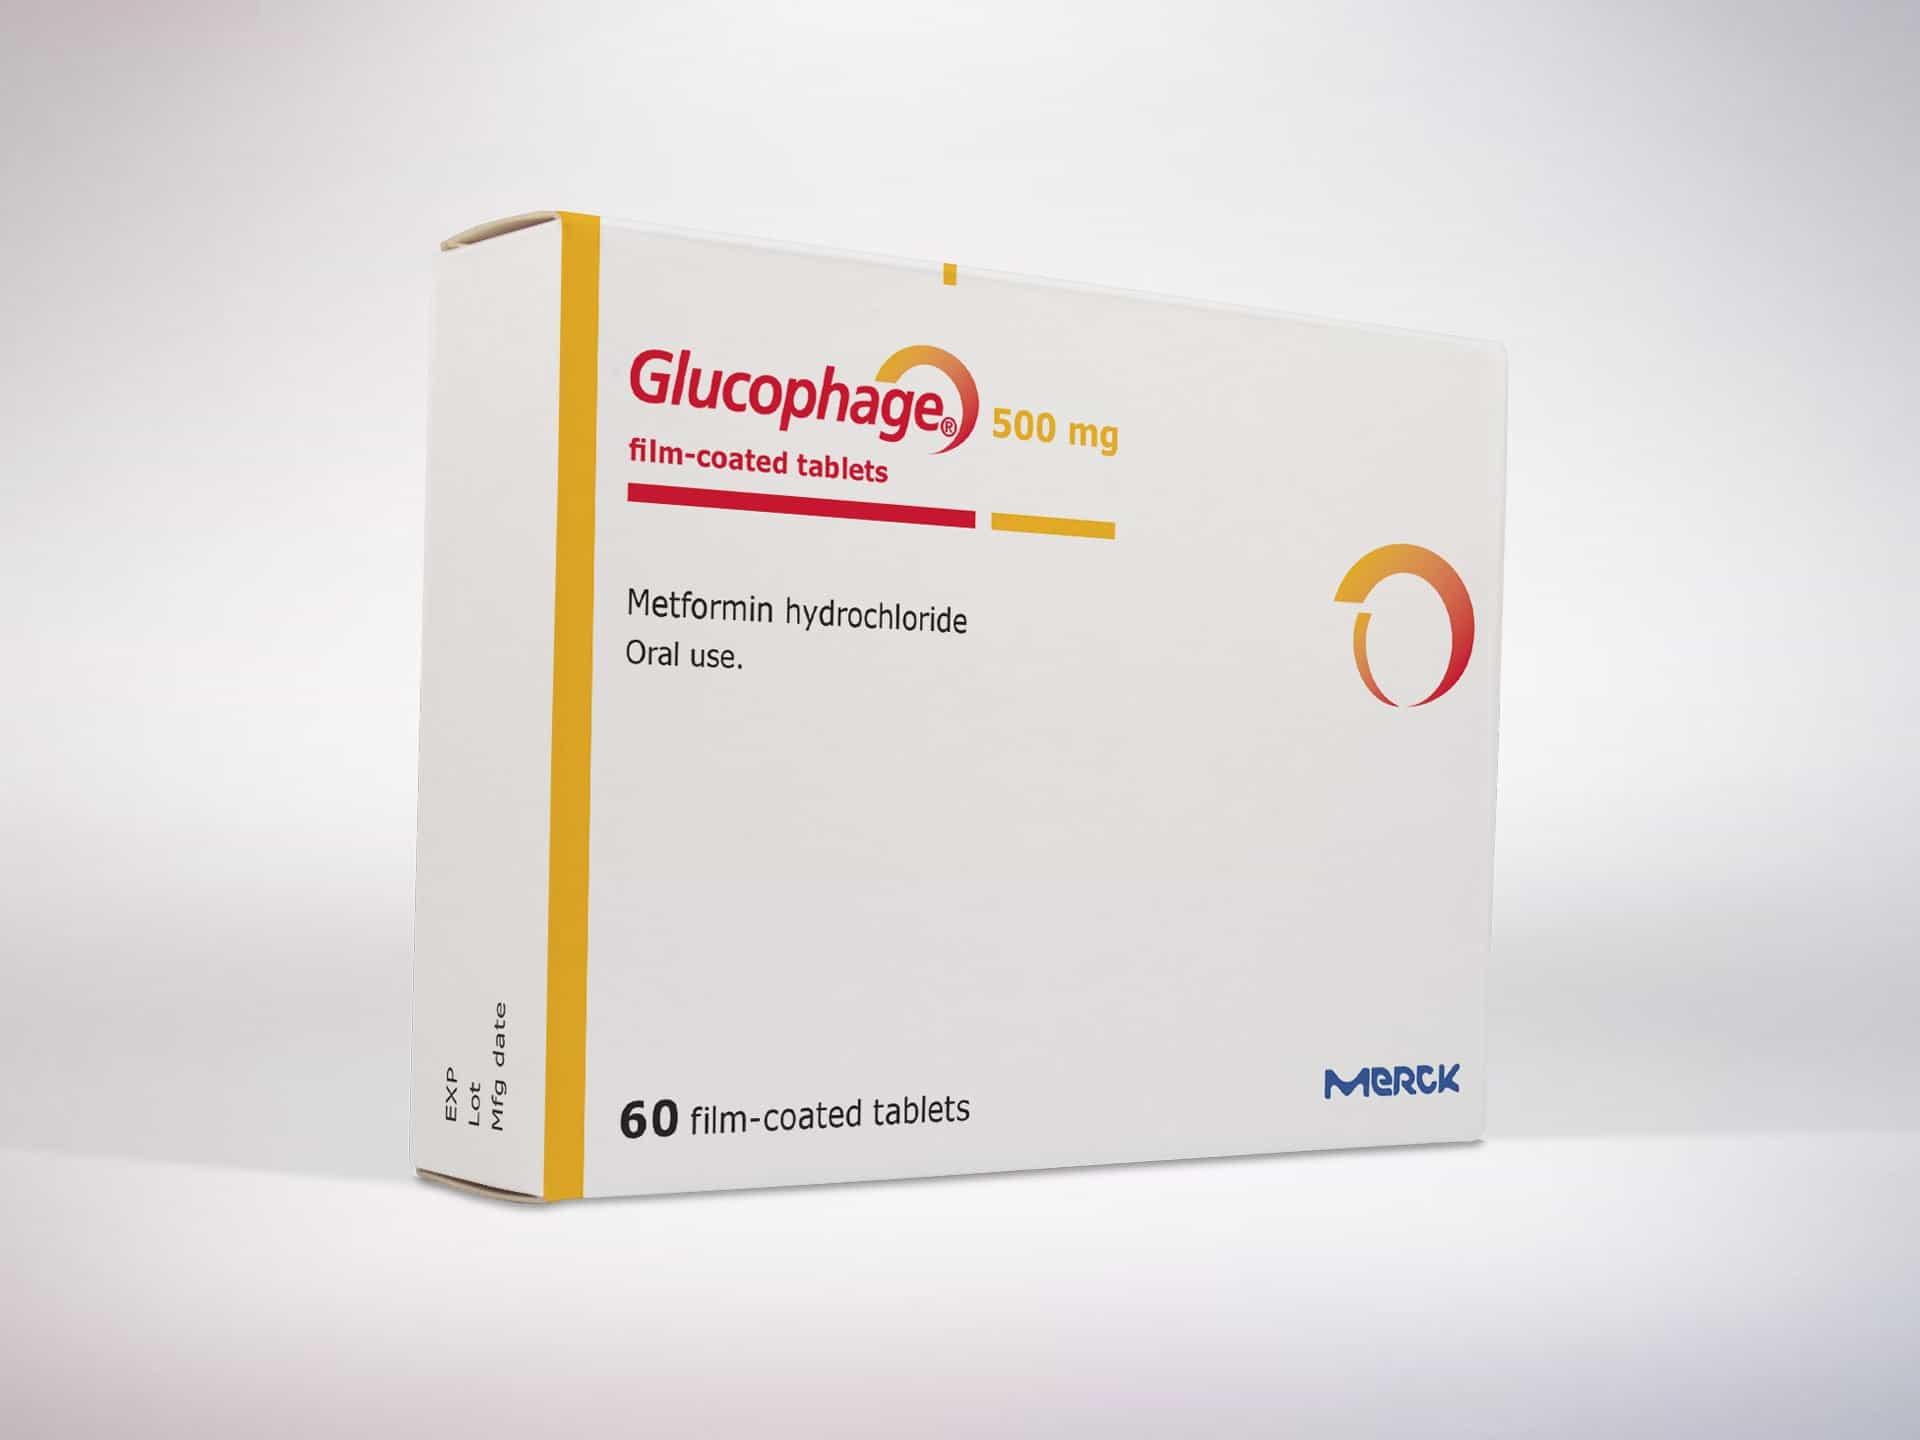 حبوب جلوكوفاج Glucophage لتخسيس الوزن و علاج مرض السكري و تكييس المبايض